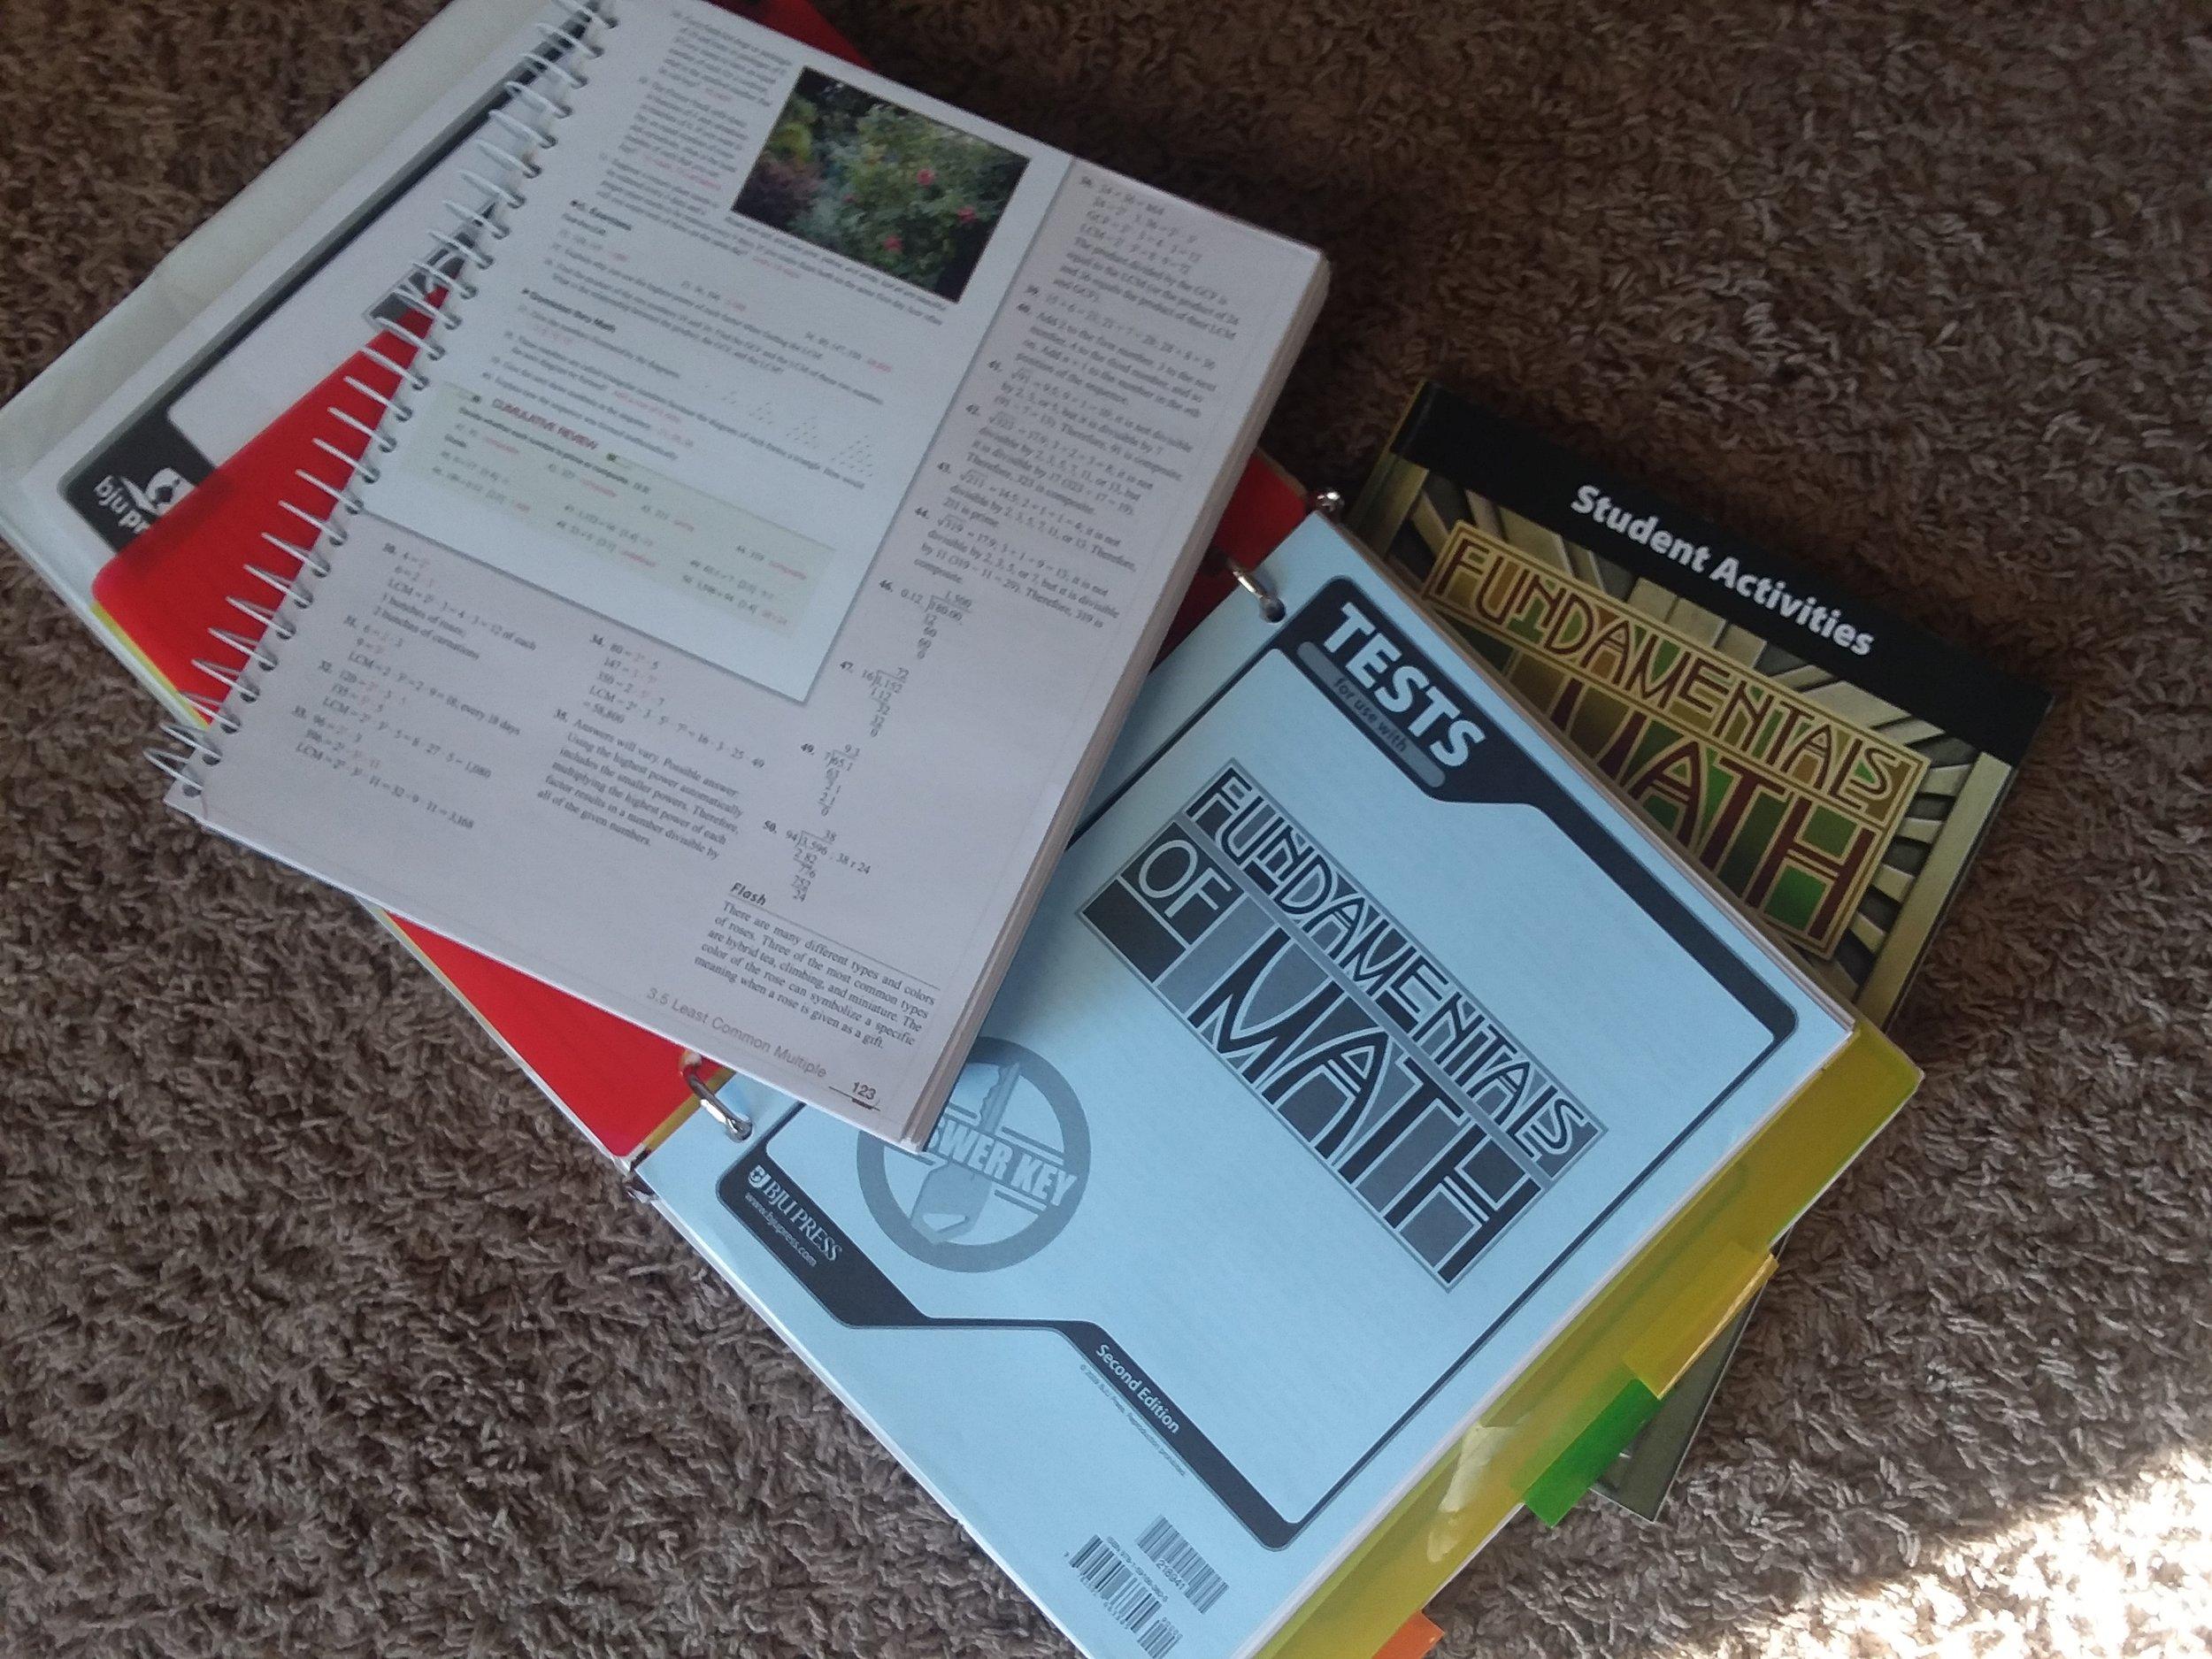 Bju Press Fundamentals of Math